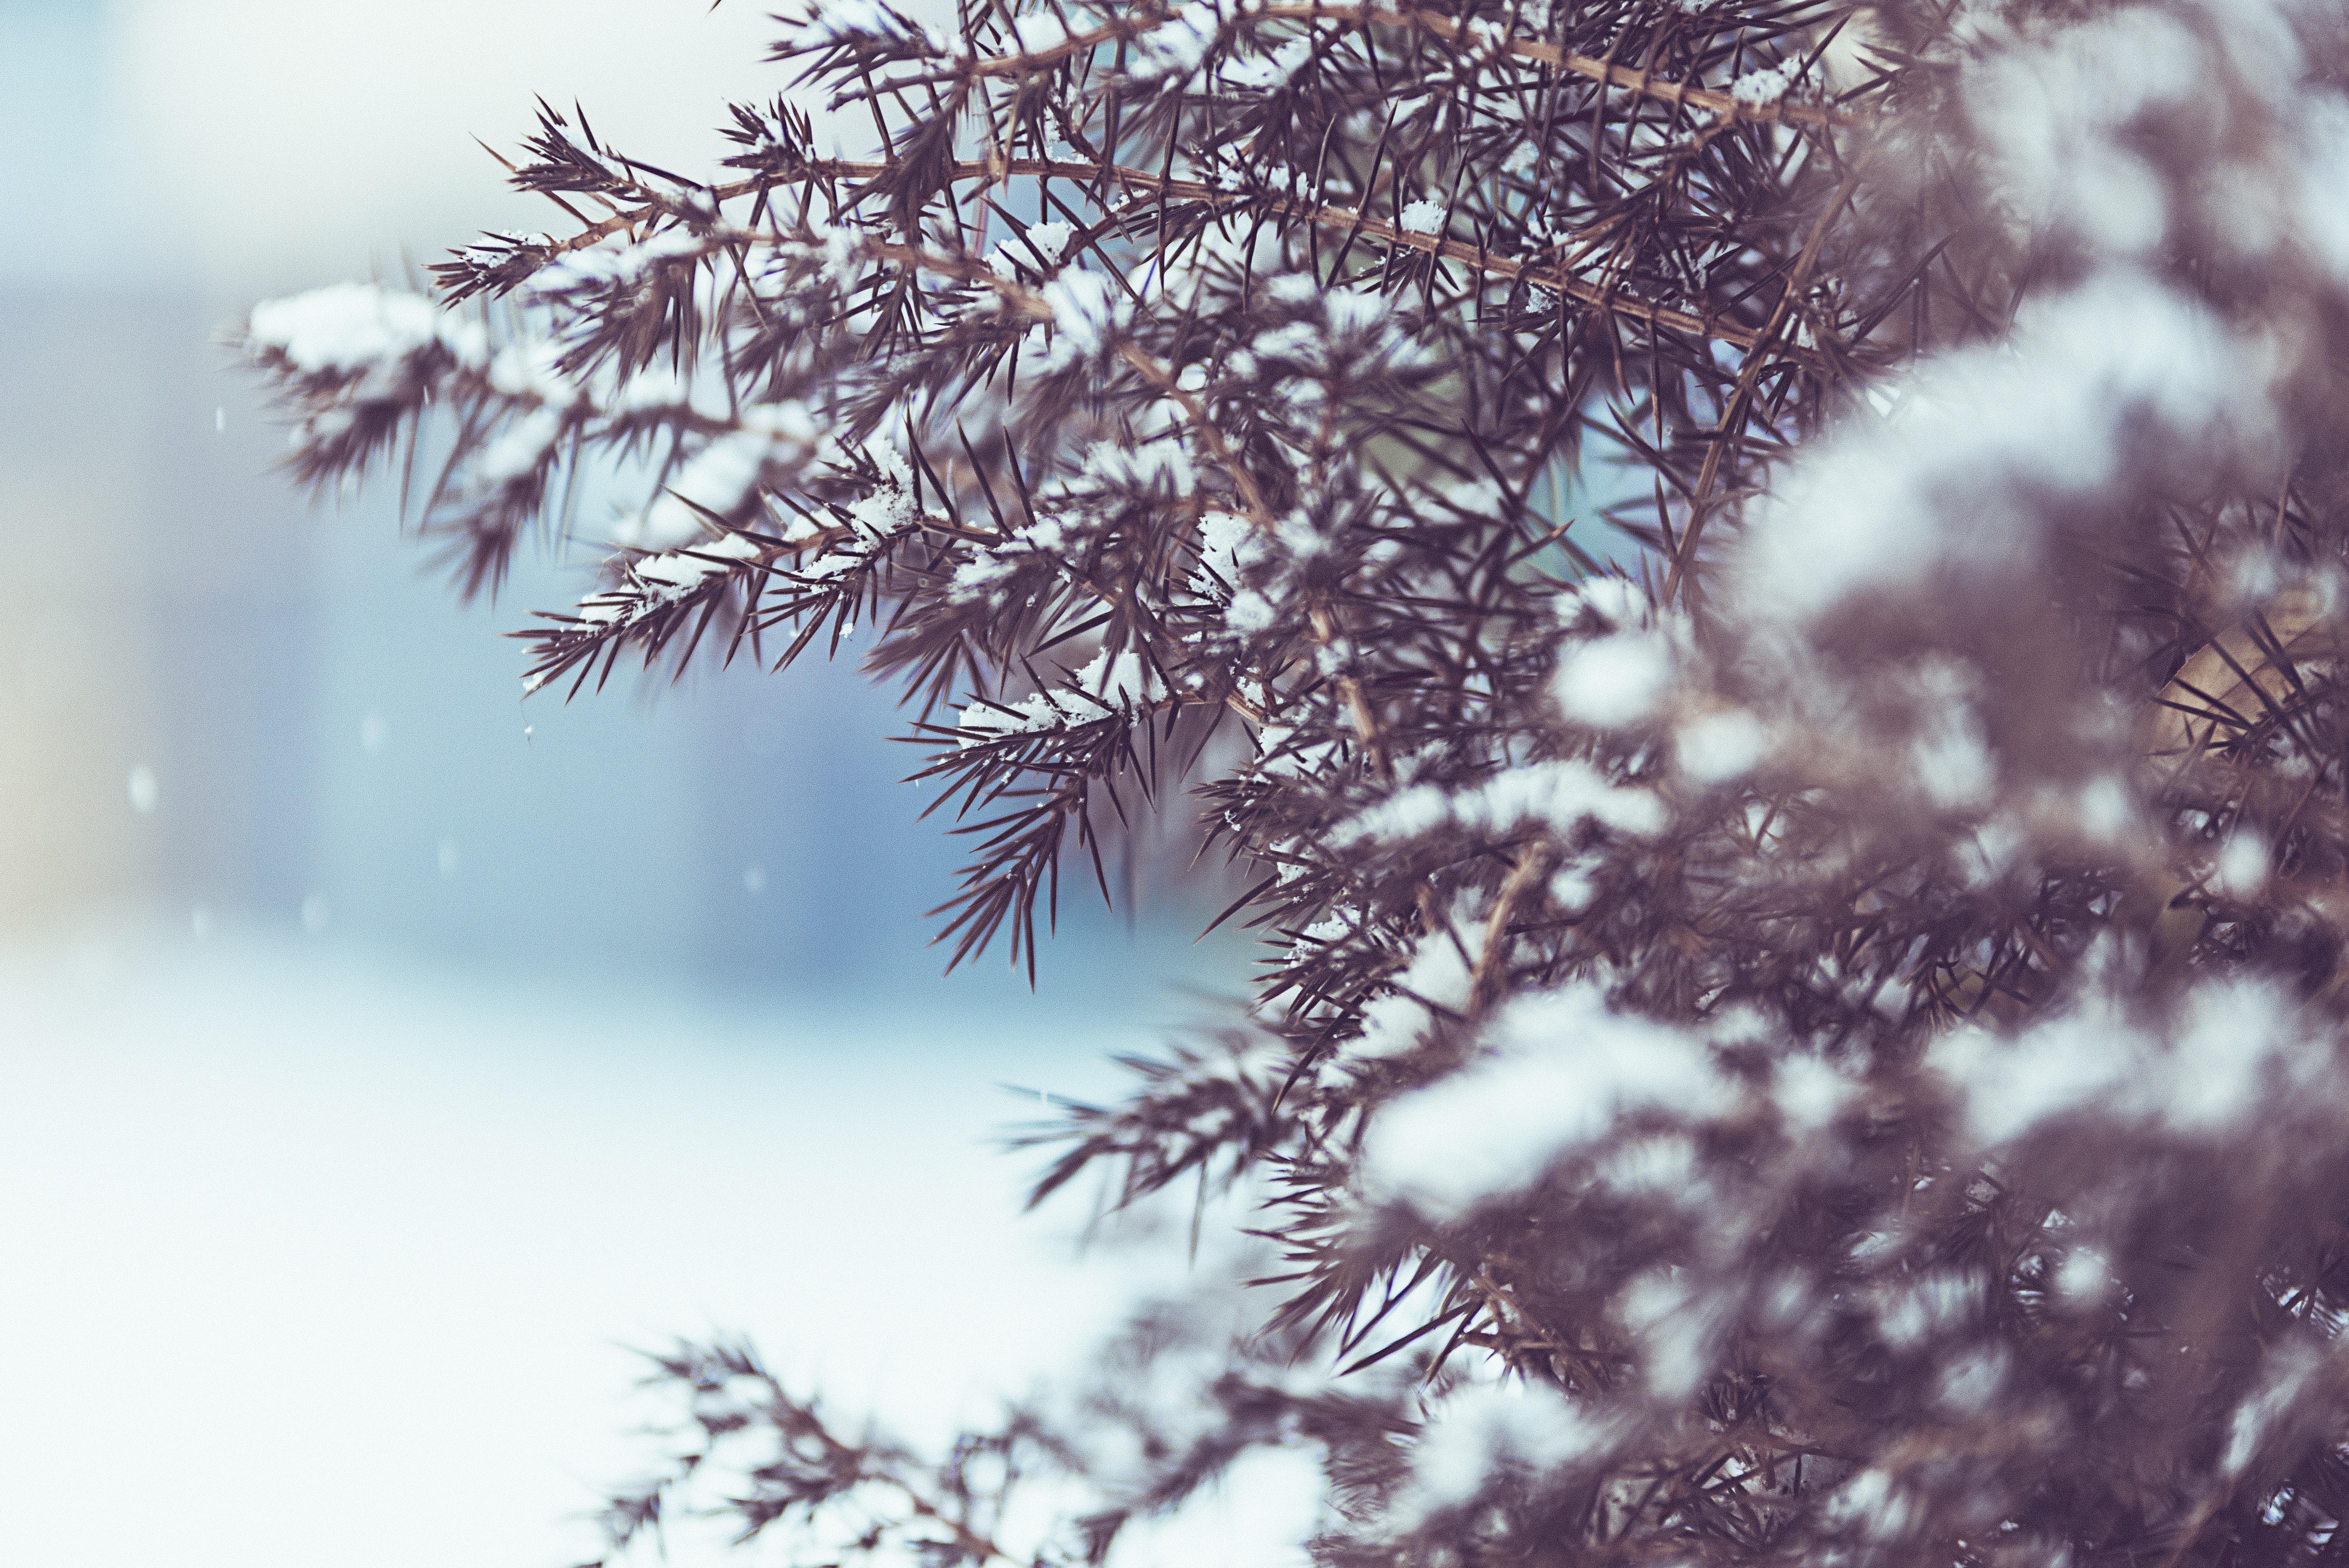 winter tree snow 1574939660 - Winter Tree Snow -